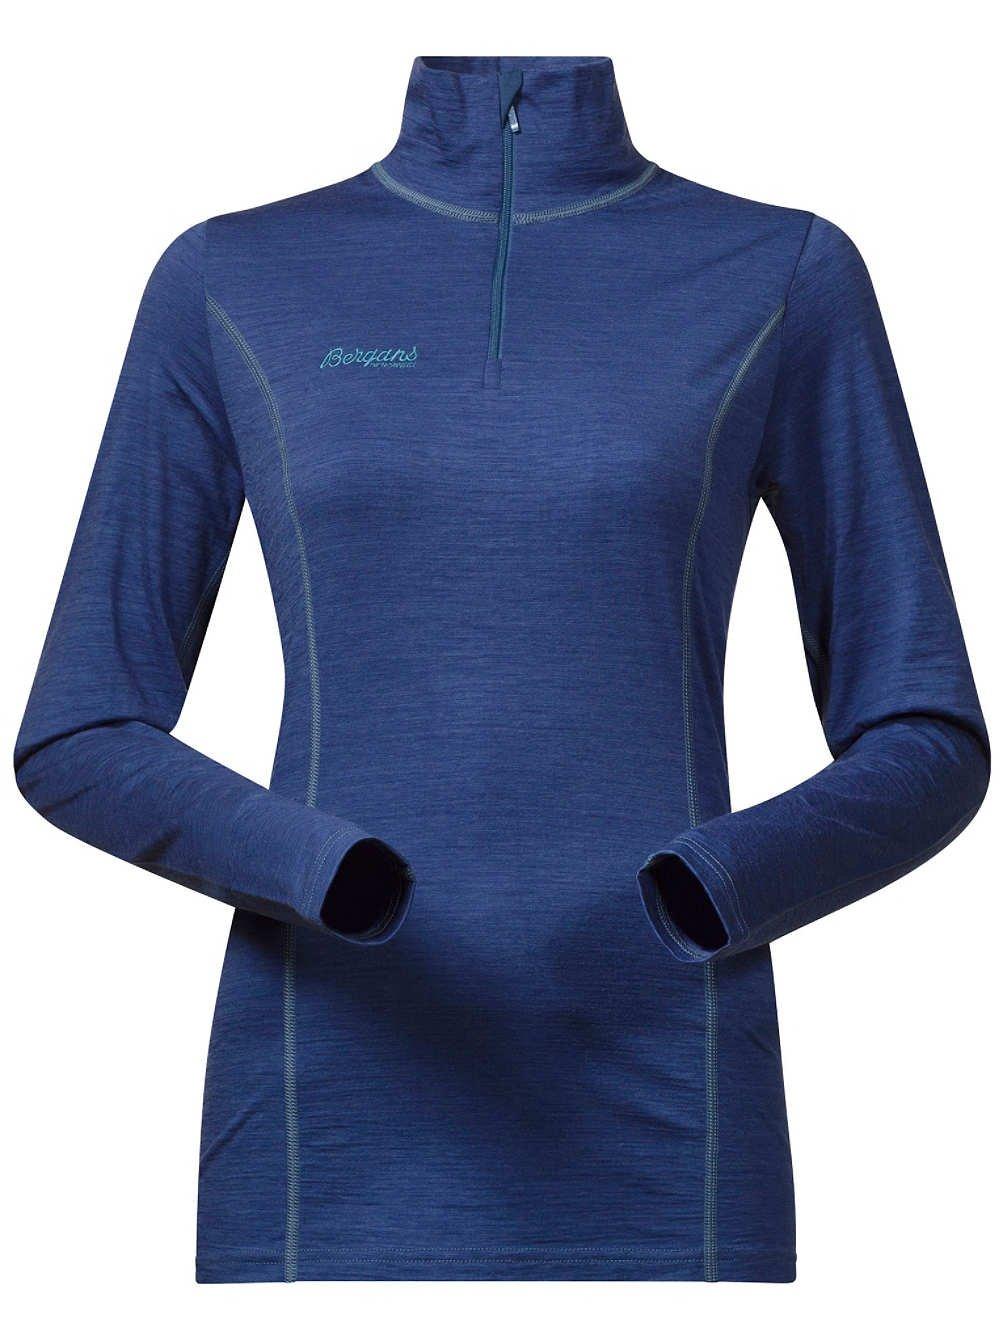 Bergans Soleie Lady Half Zip Shirt - 150er Funktionswäsche aus Merinowolle